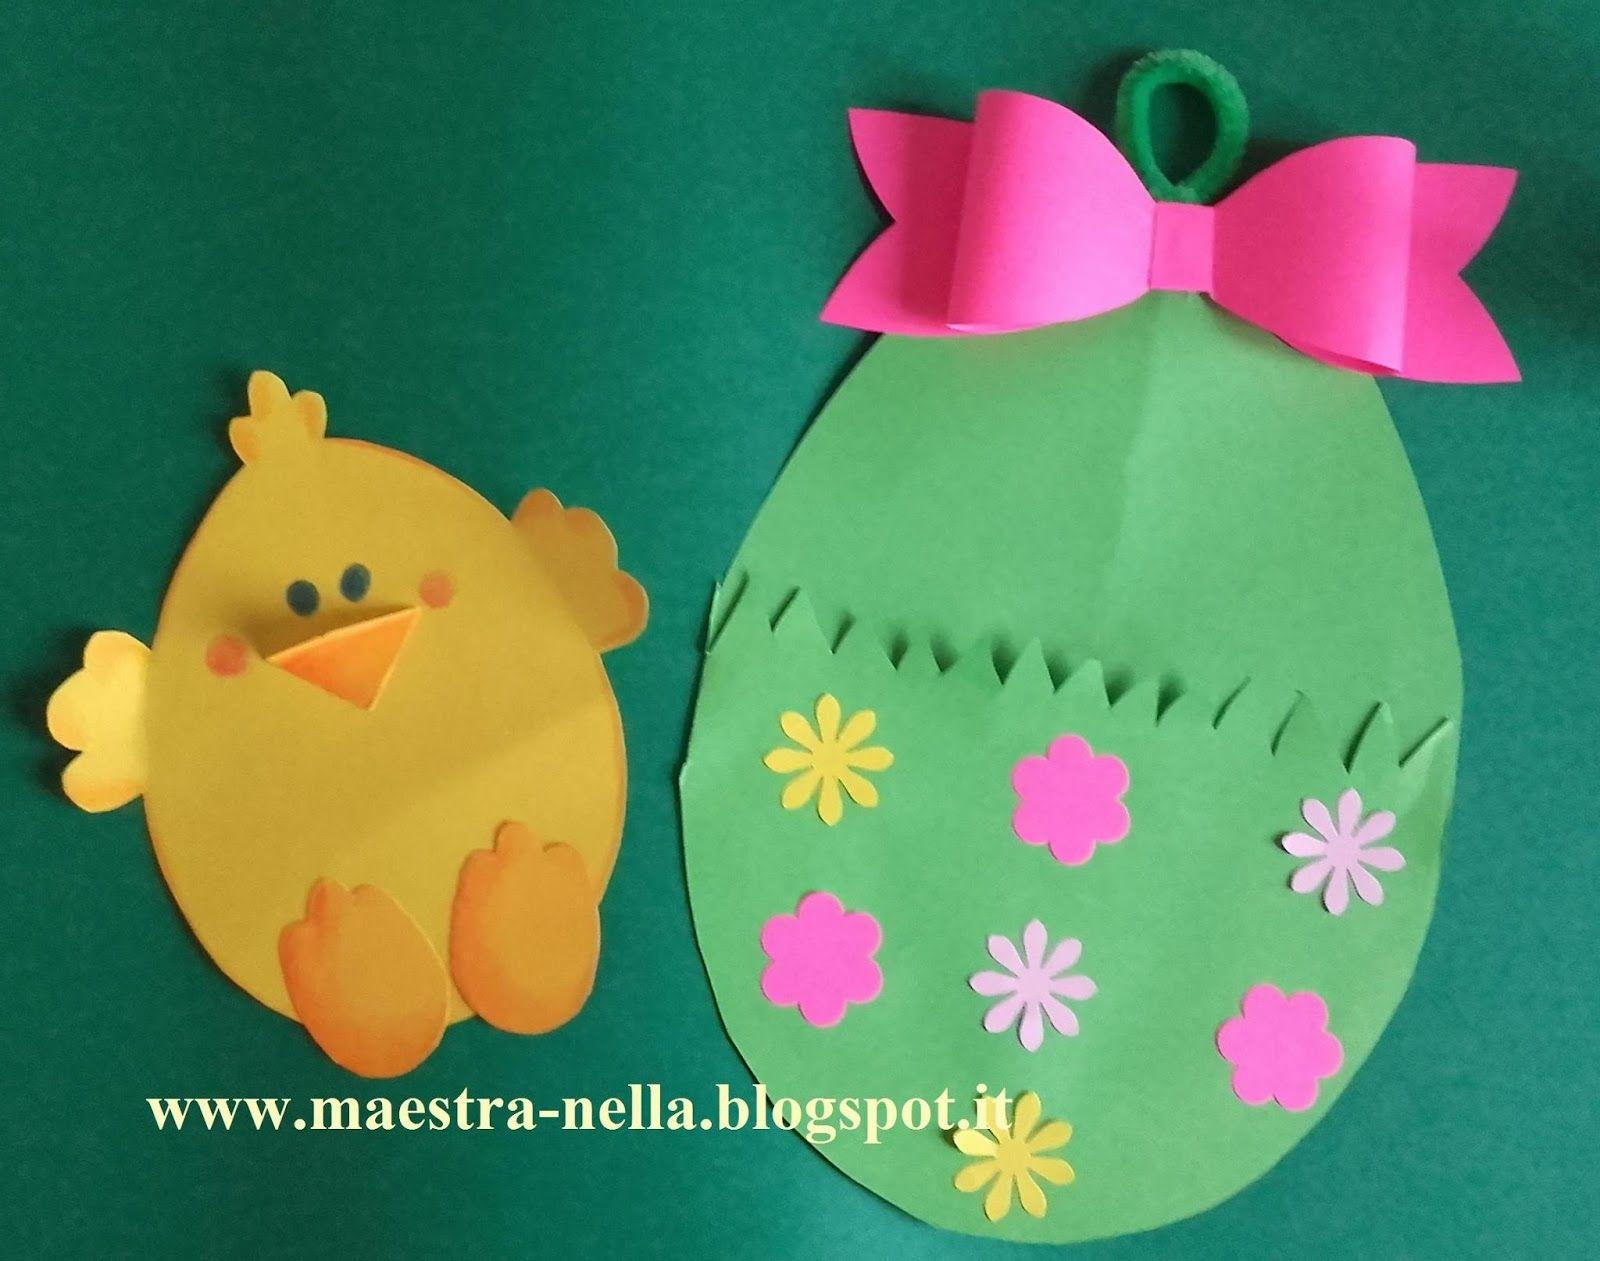 Bambini Pasqua ~ Pulcini e coniglietti spuntano da uova di pasqua decorati con